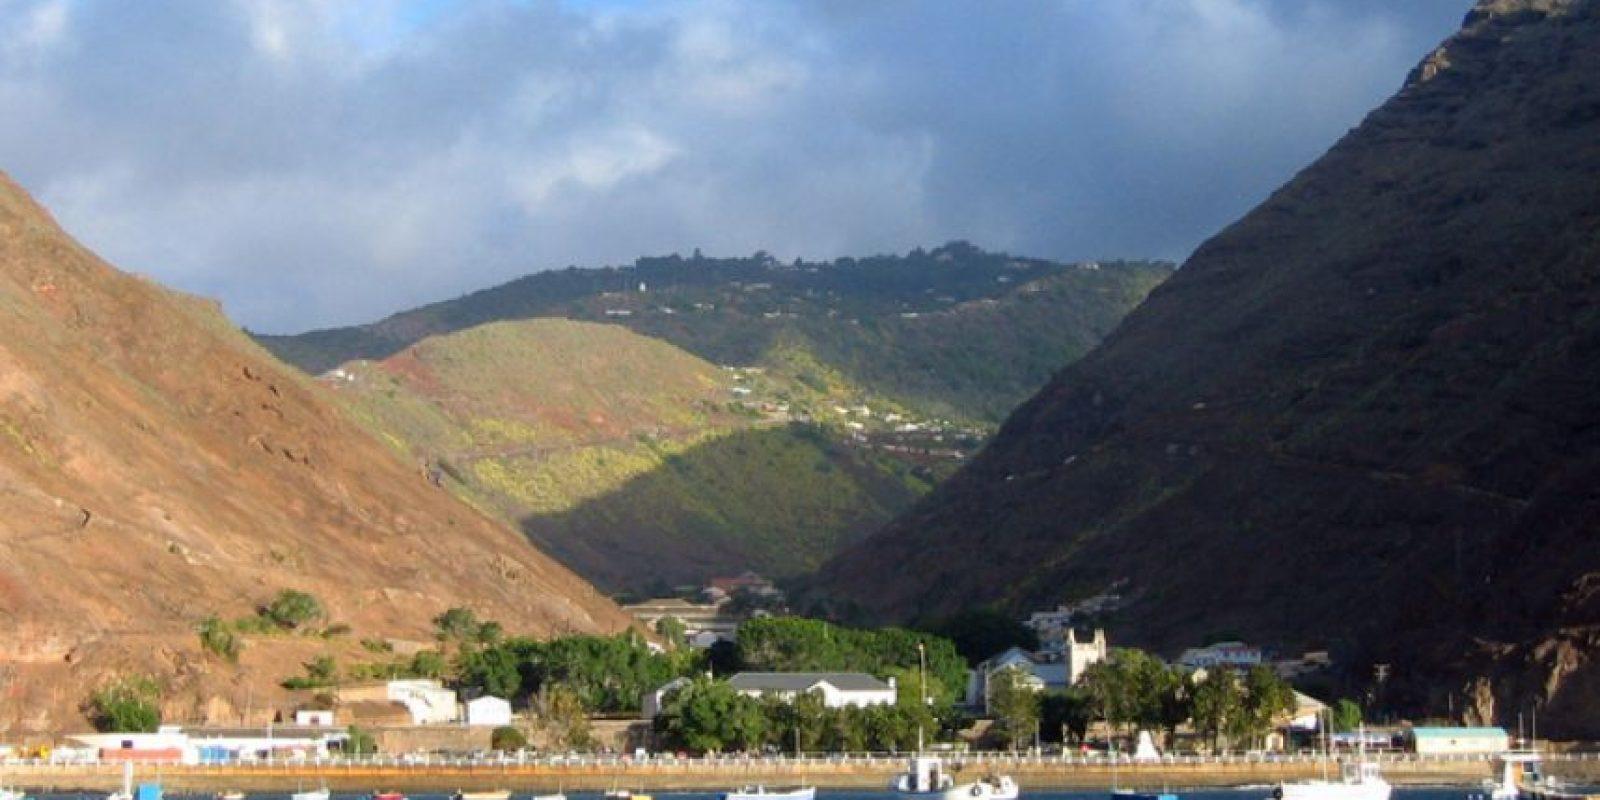 La isla de Tristán surgió de una erupción volcánica en medio del Océano Atlántico. Foto:Vía Wikimedia Commons